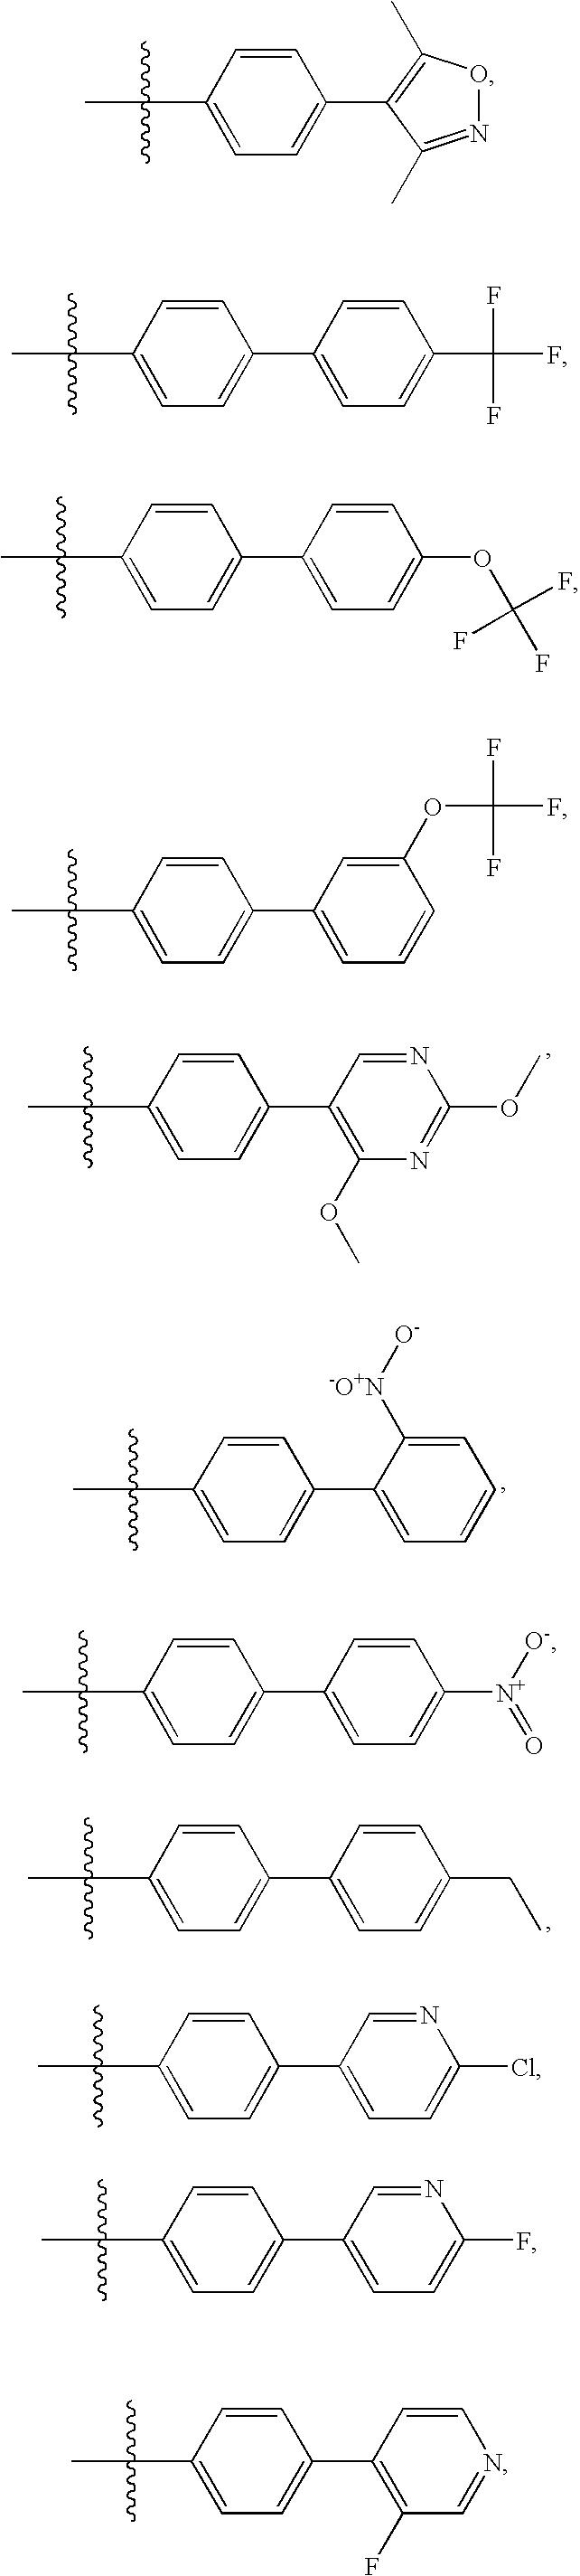 ativan combinations formula